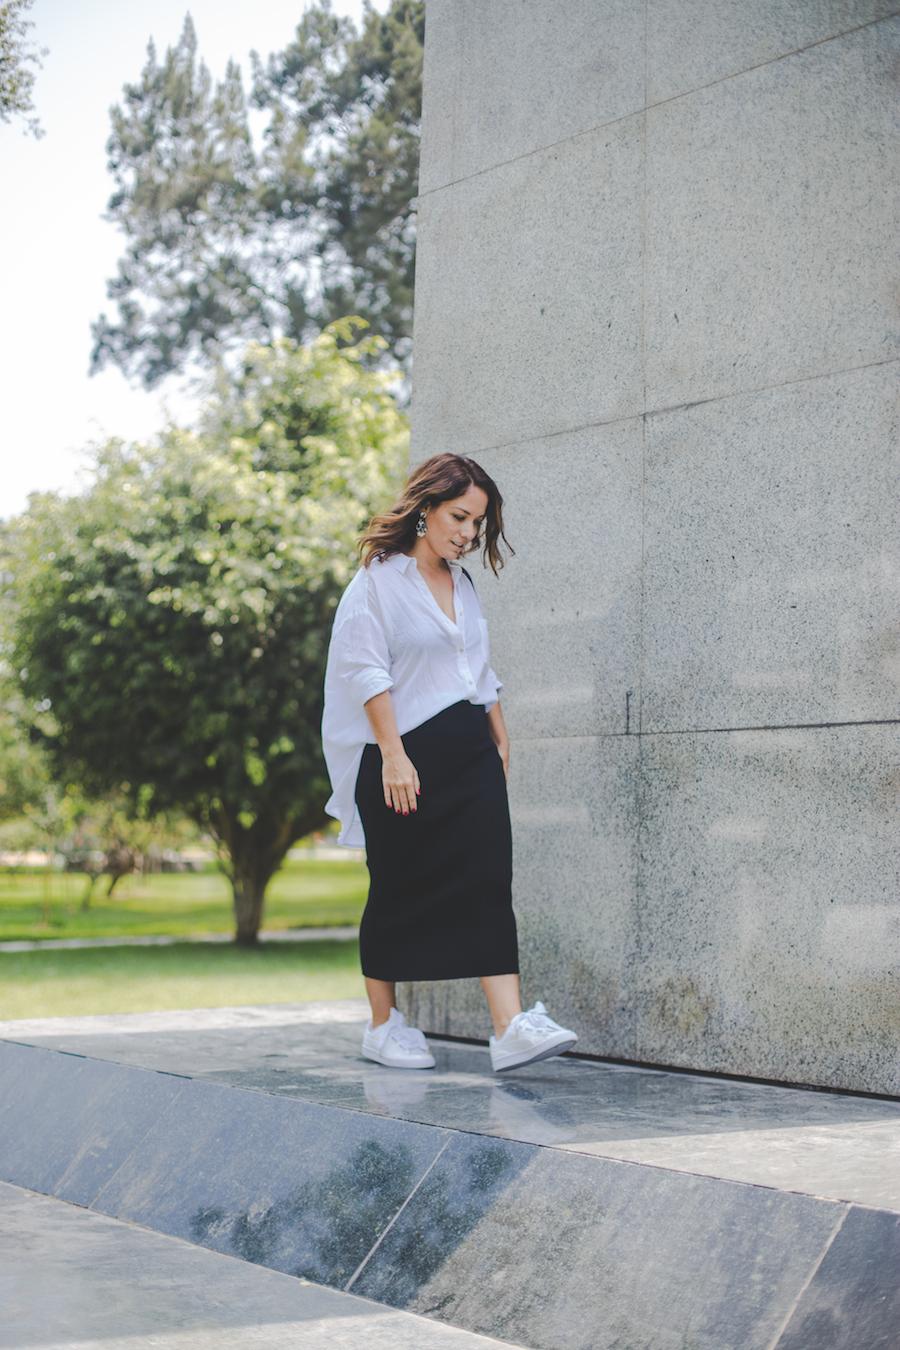 La vida de Serendipity - Camisa blanca - Black Midi Pencil Skirt El Clóset de mi hermana - Puma Basket Heart 1